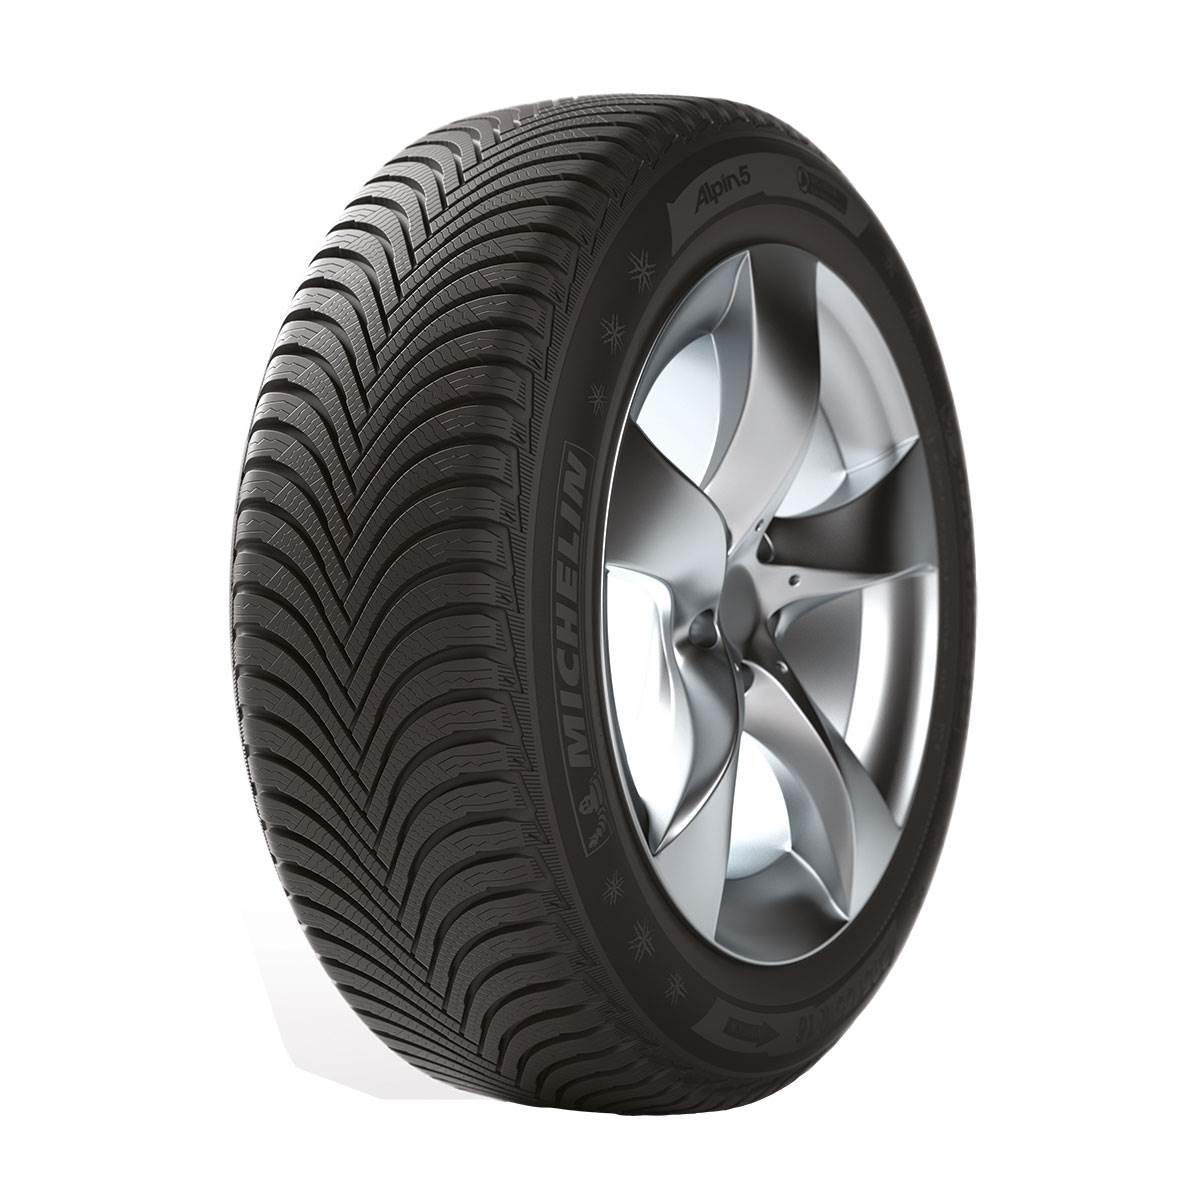 Comparer les prix des pneus Michelin Alpin